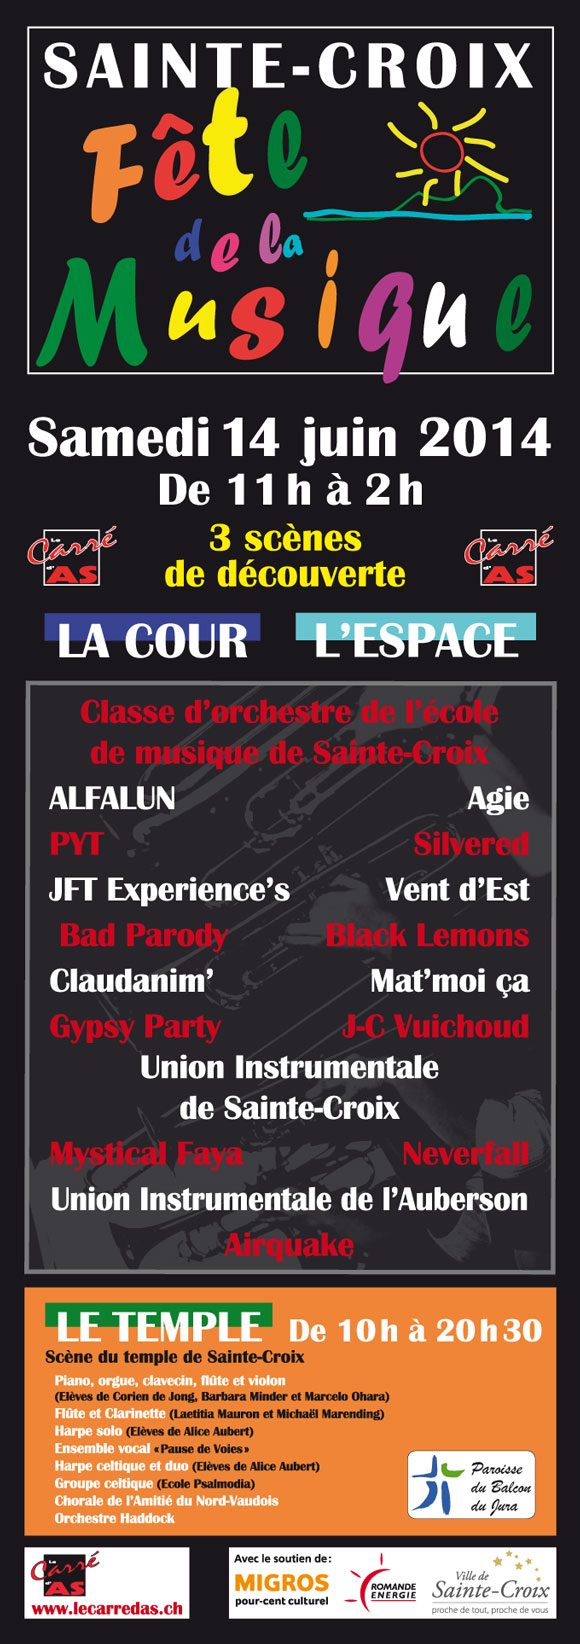 Affiche Fête de la Musique 2014 à Sainte-Croix